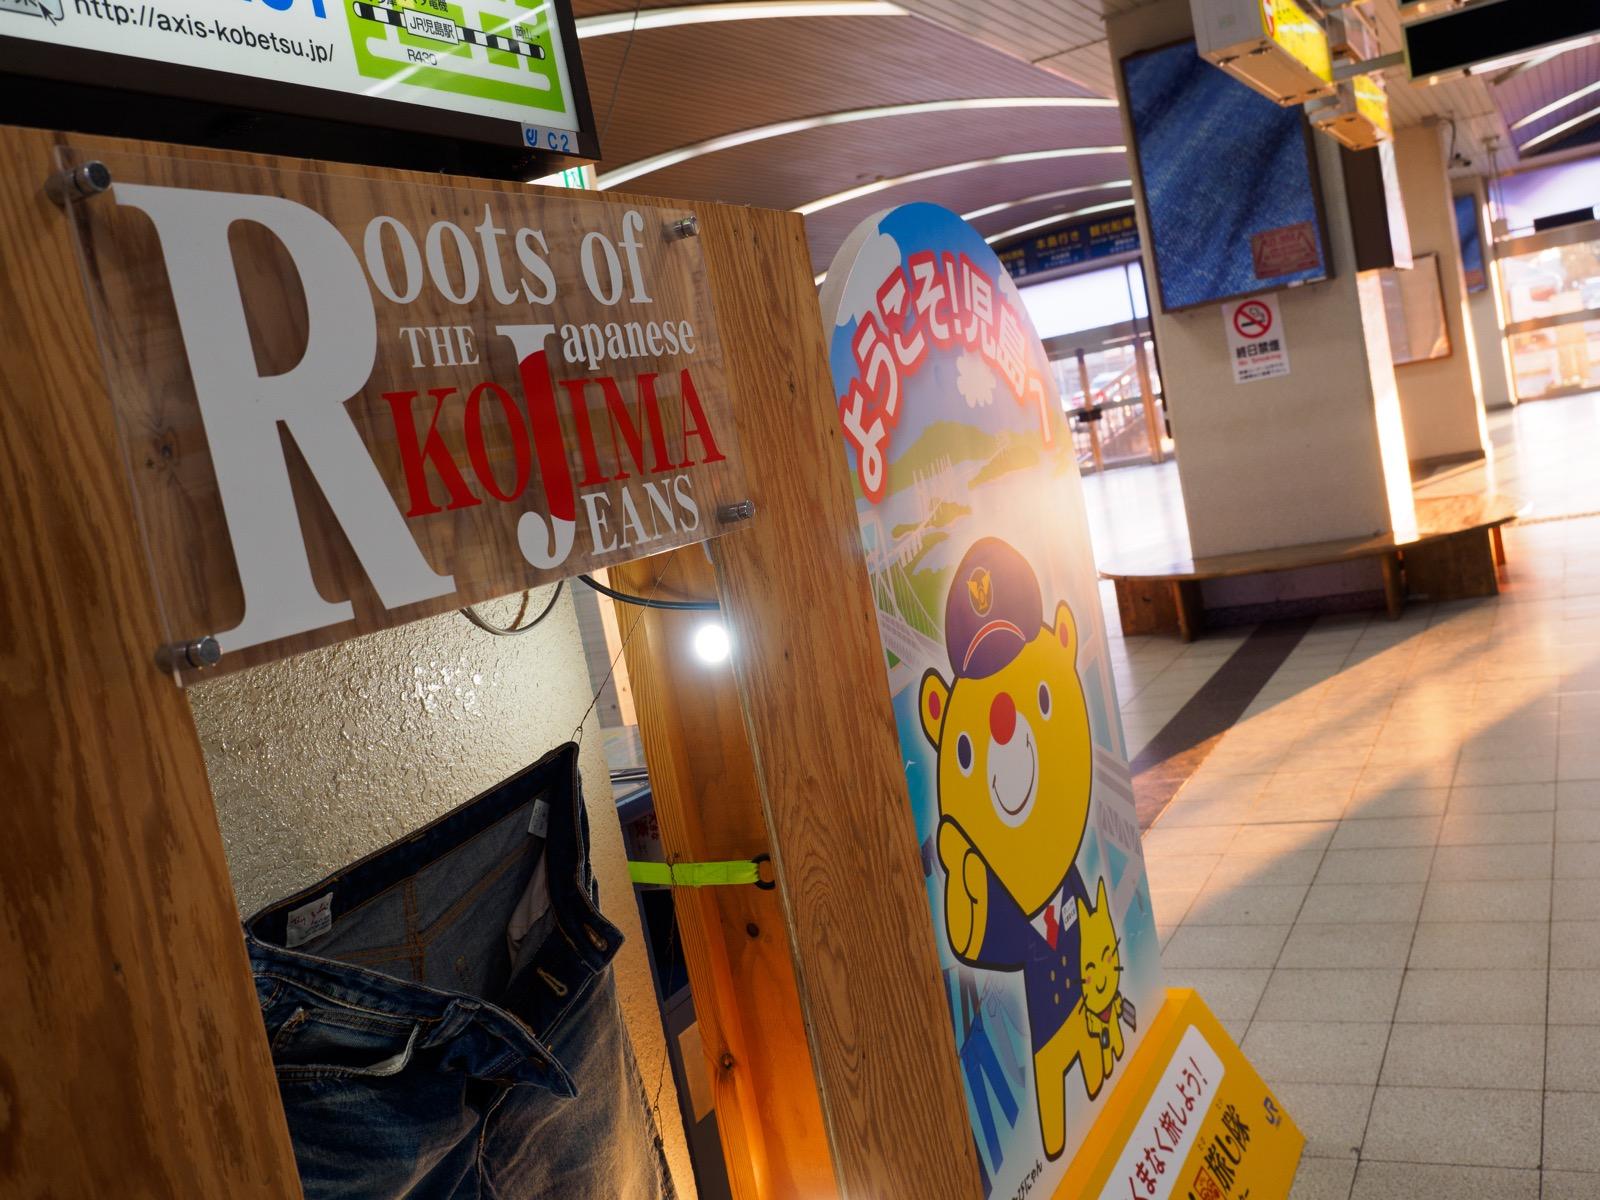 児島駅に飾れれているジーンズ